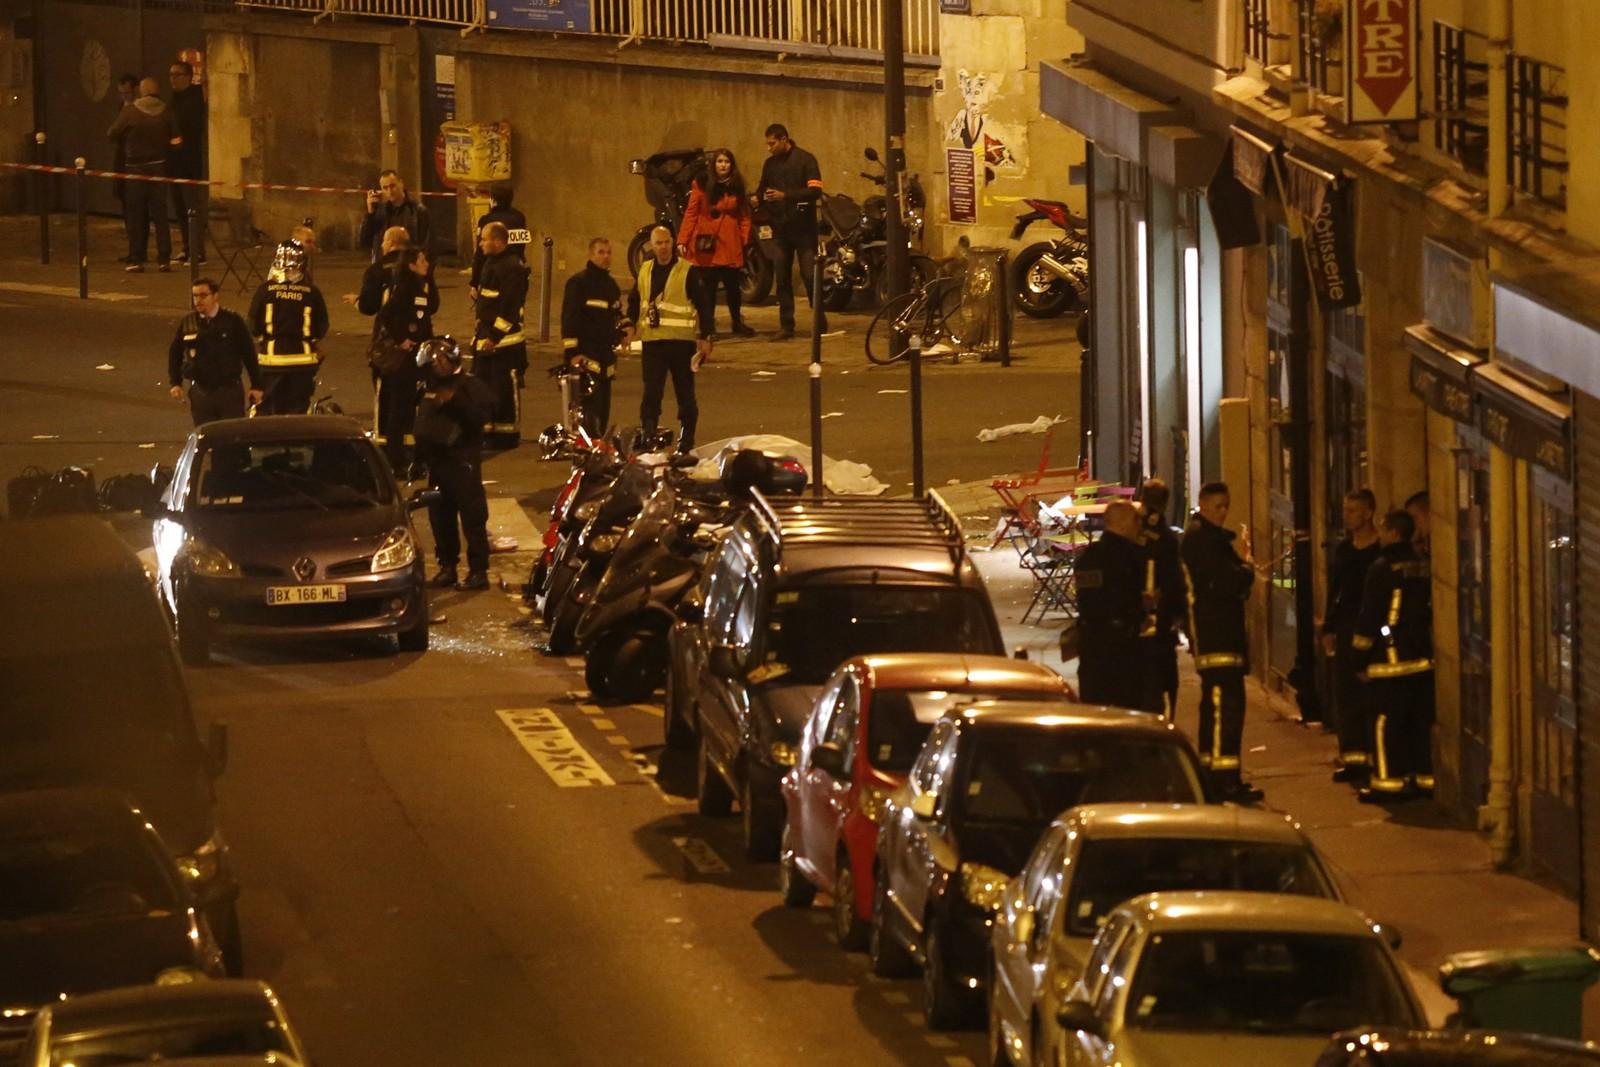 OMTRENT SAMTIDIG: Angriperne slo til omtrent samtidig mot konsertlokalet Bataclan i sentrum av byen og ved stadionet Stade de France der landslaget i fotball spilte en vennskapskamp mot Tyskland.